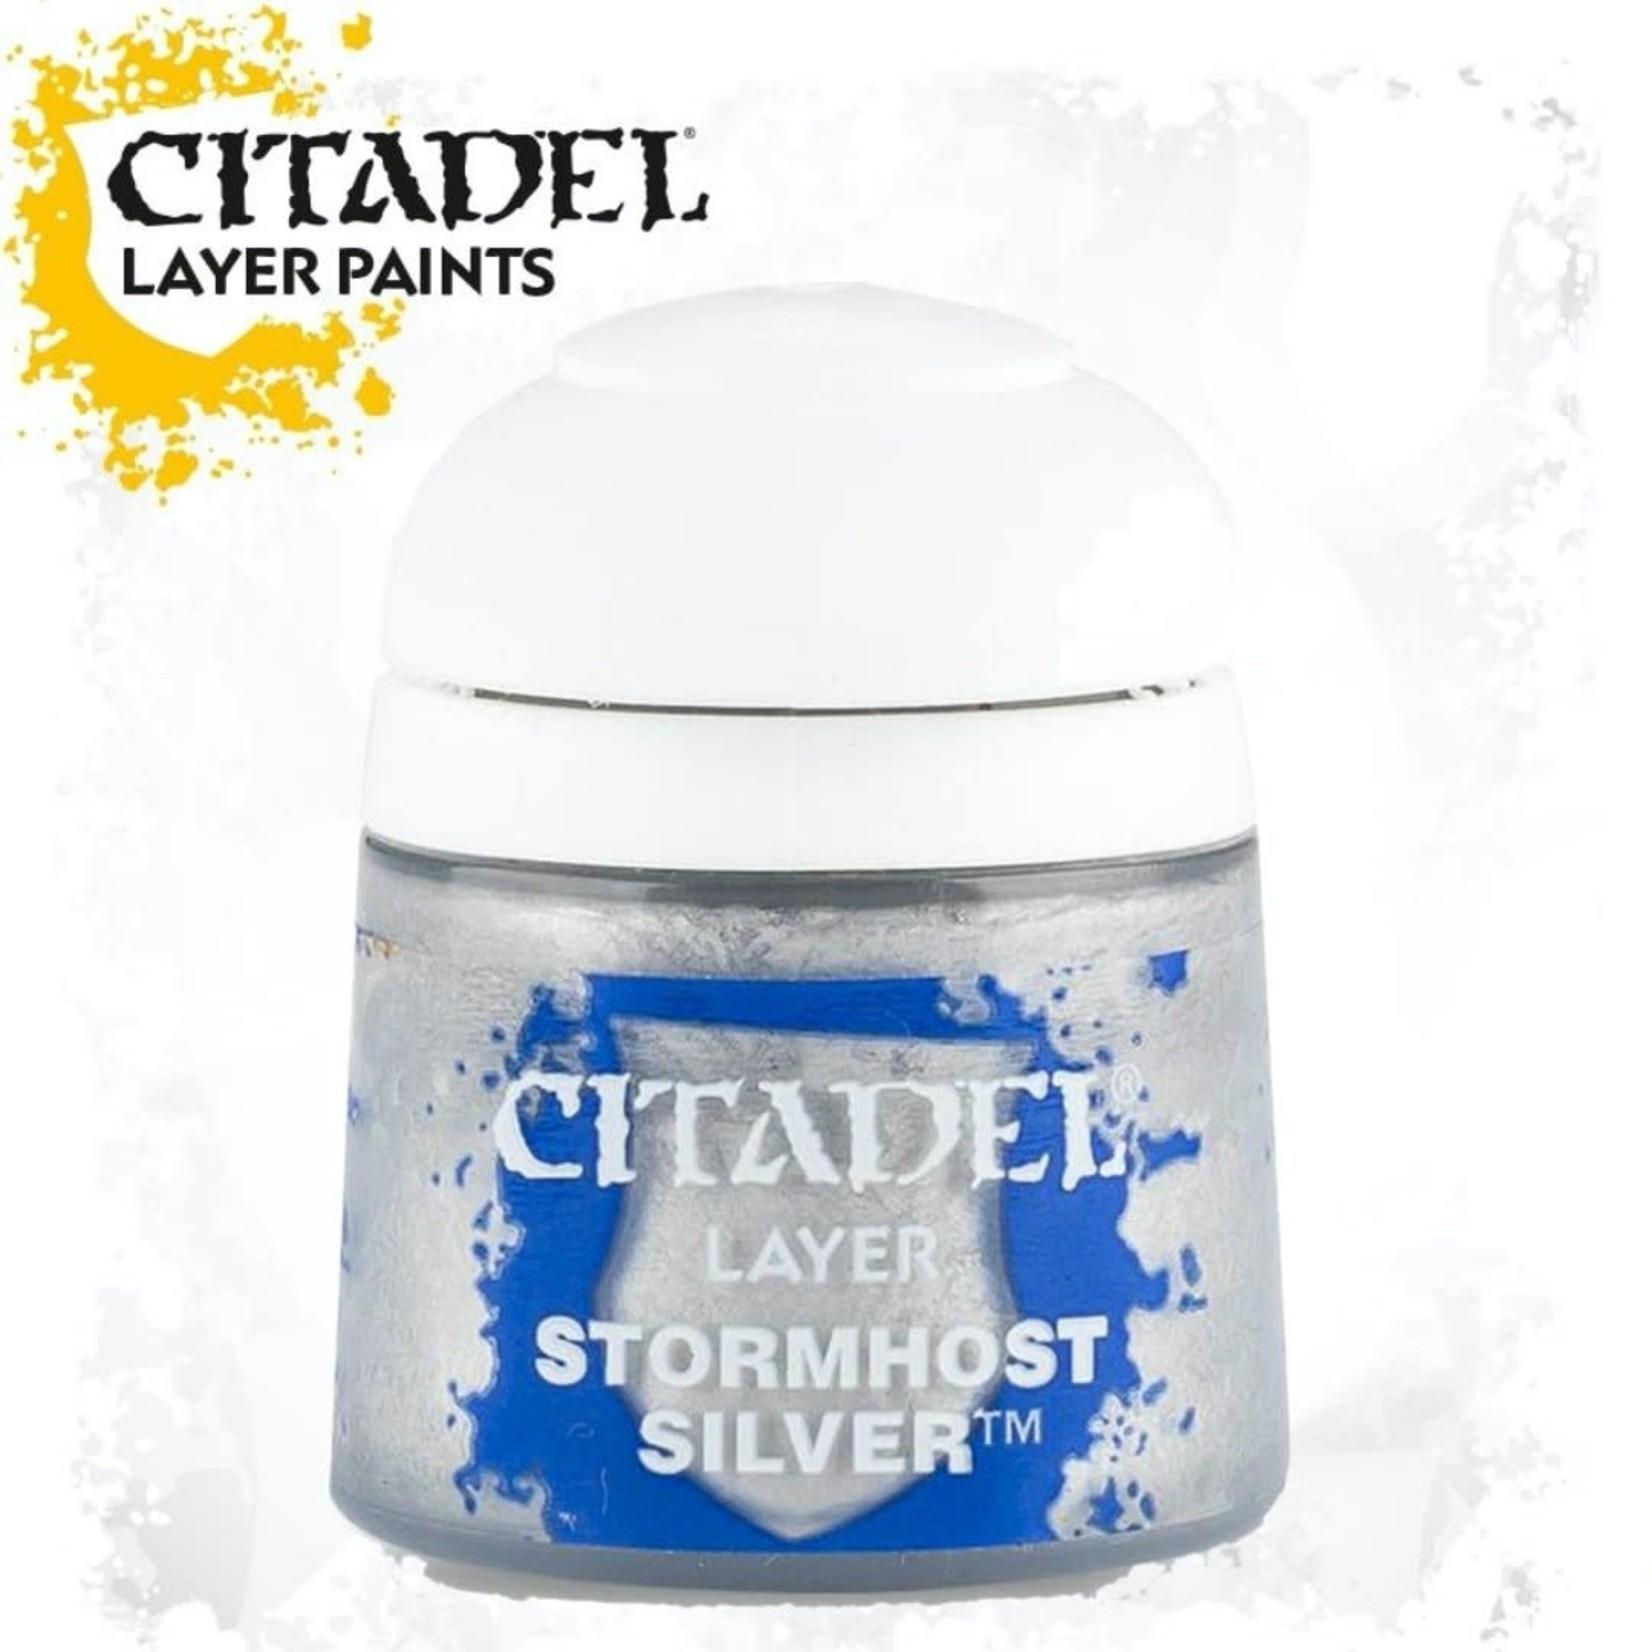 Citadel Citadel Paint - Layer: Stormhost Silver